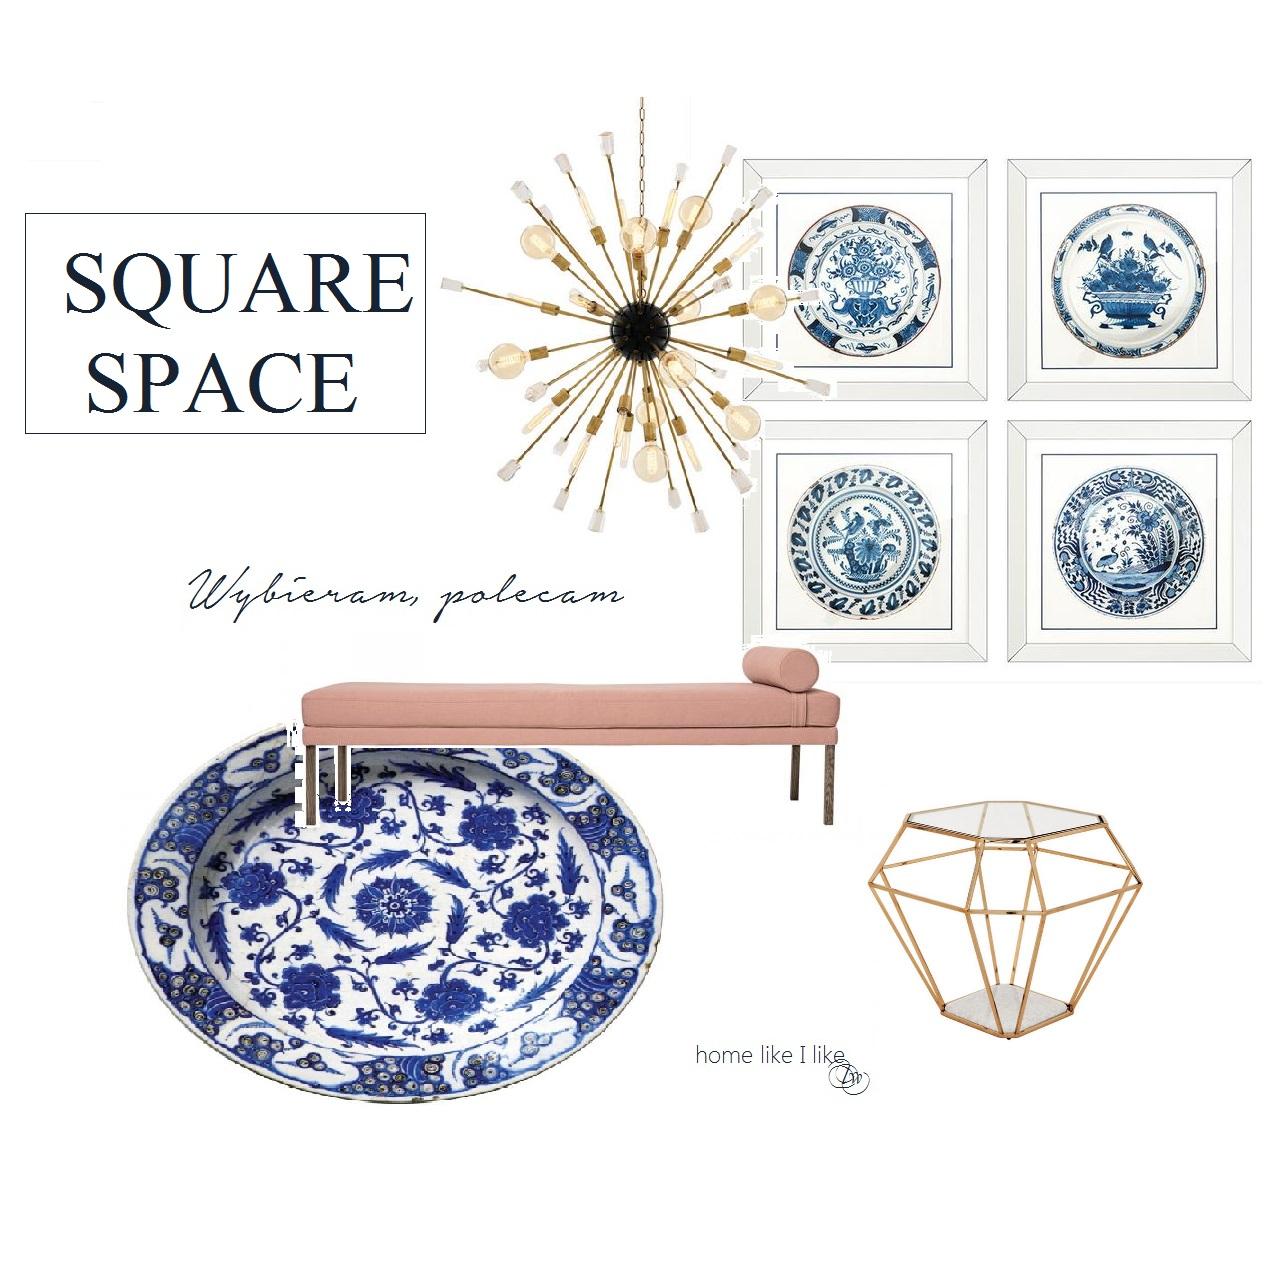 square-space-polecam-wybieram